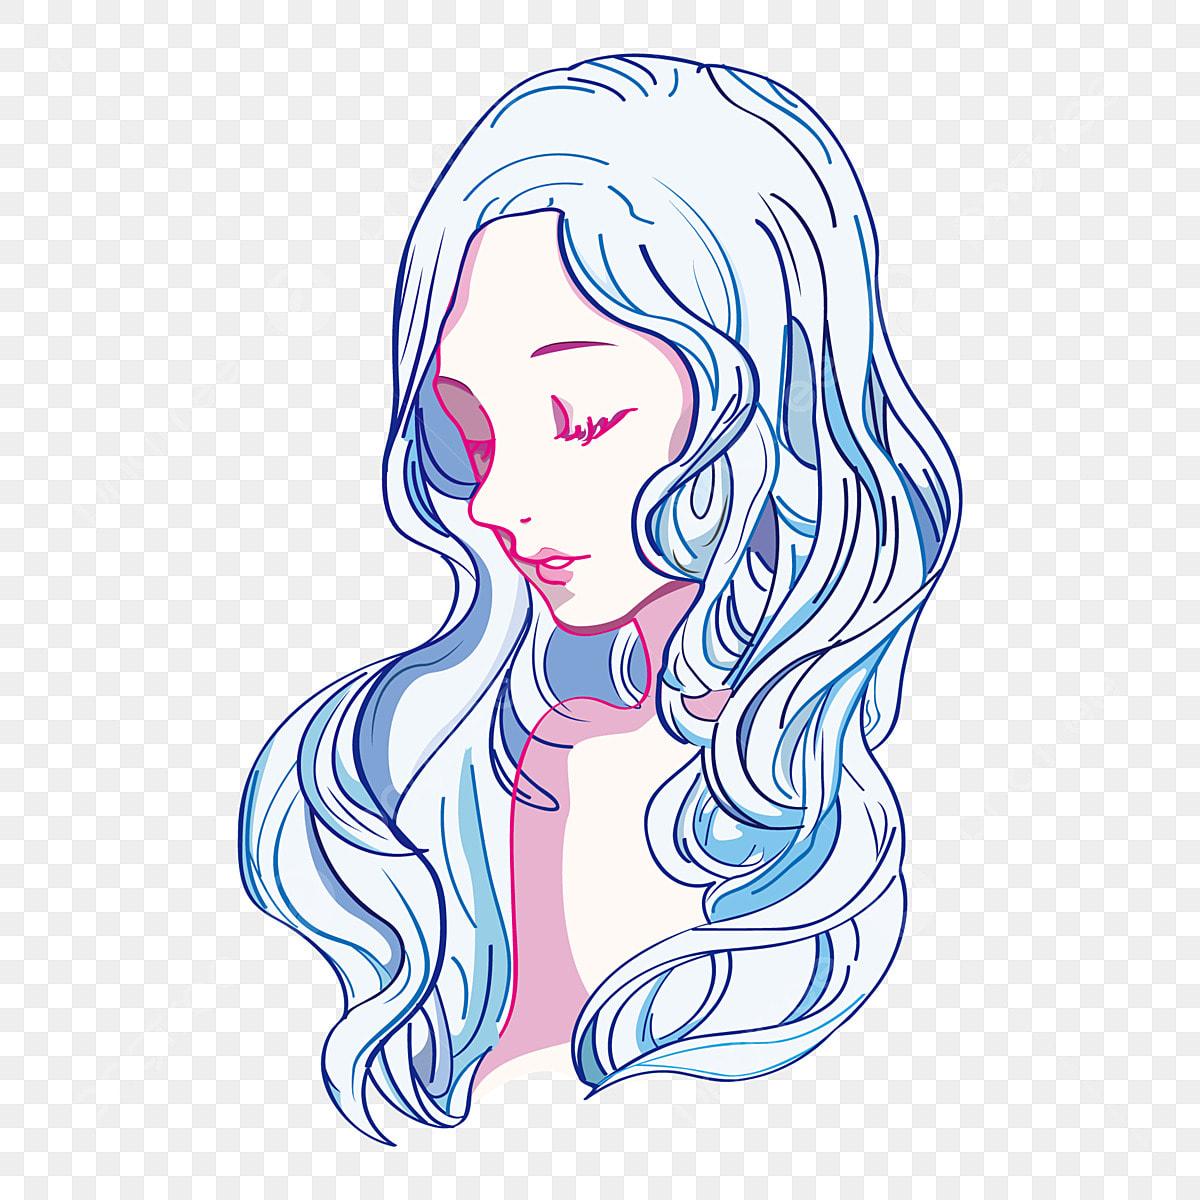 Serie Nina Hermosa Nina Ojos Cerrados Ilustracion Pintado A Mano Anime Png Y Vector Para Descargar Gratis Pngtree